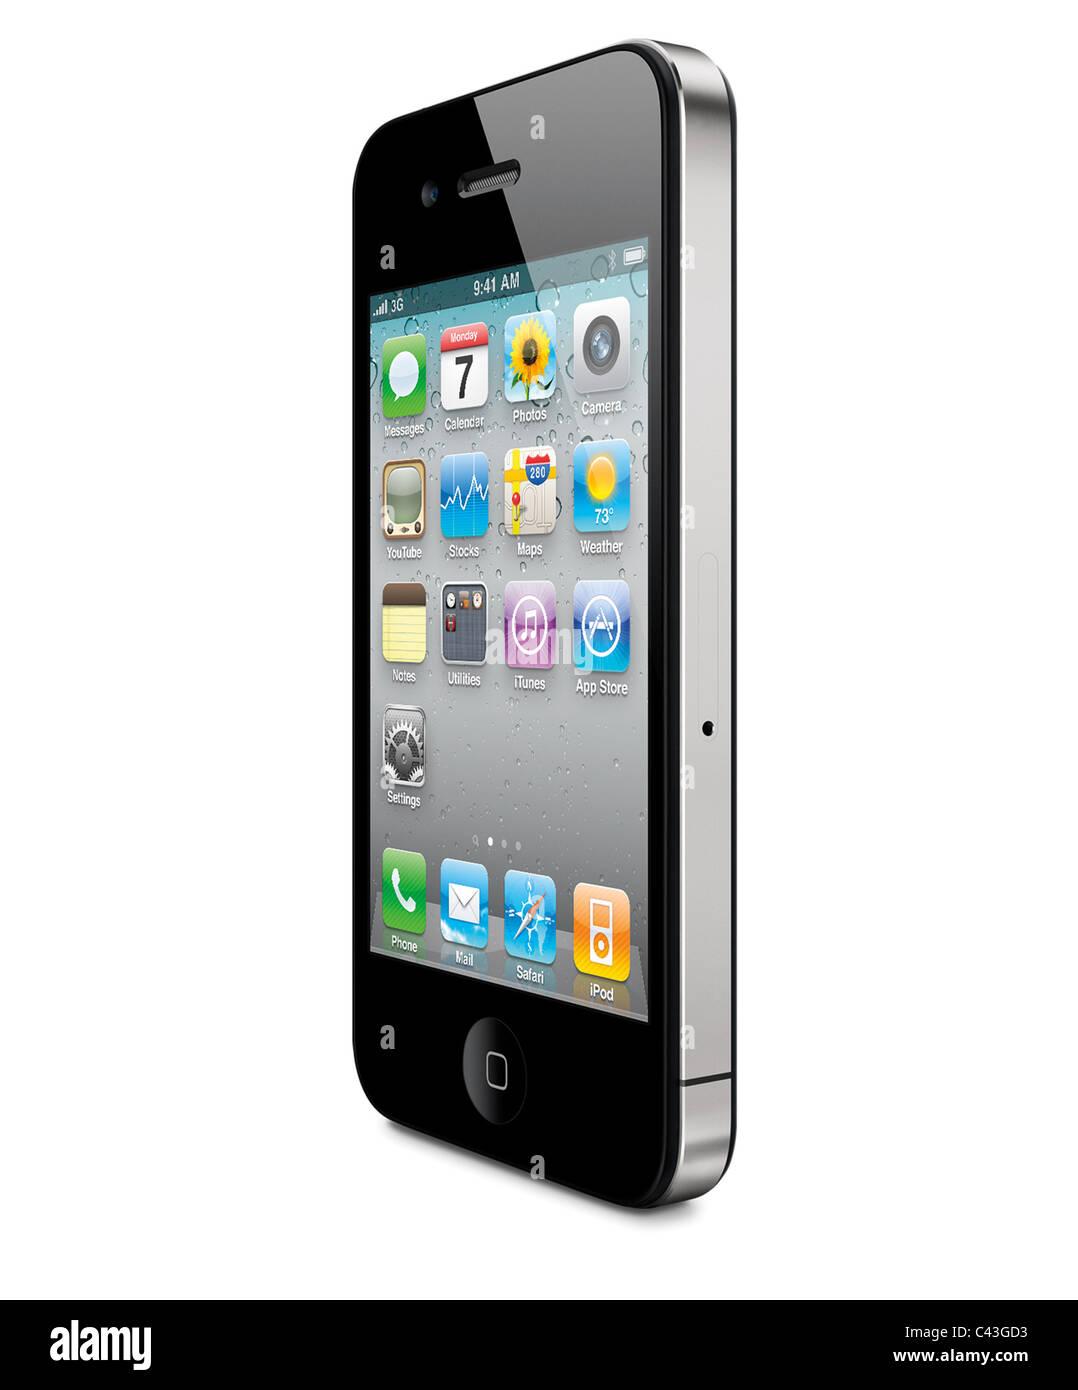 iPhone 4 perspektivische Ansicht, in weißem Hintergrund ausschneiden Stockbild